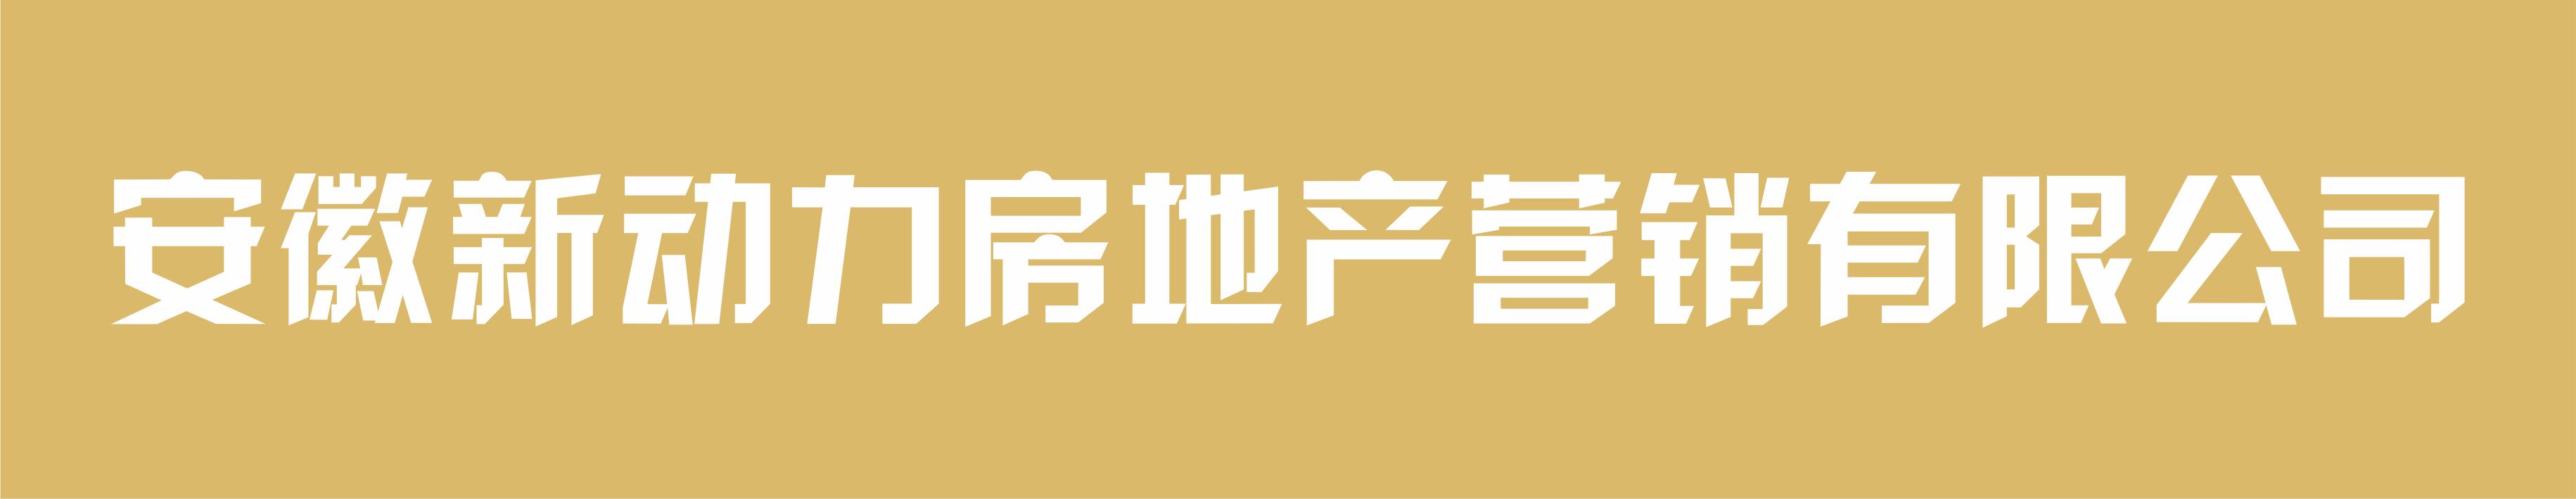 安徽新动力房地产营销有限公司